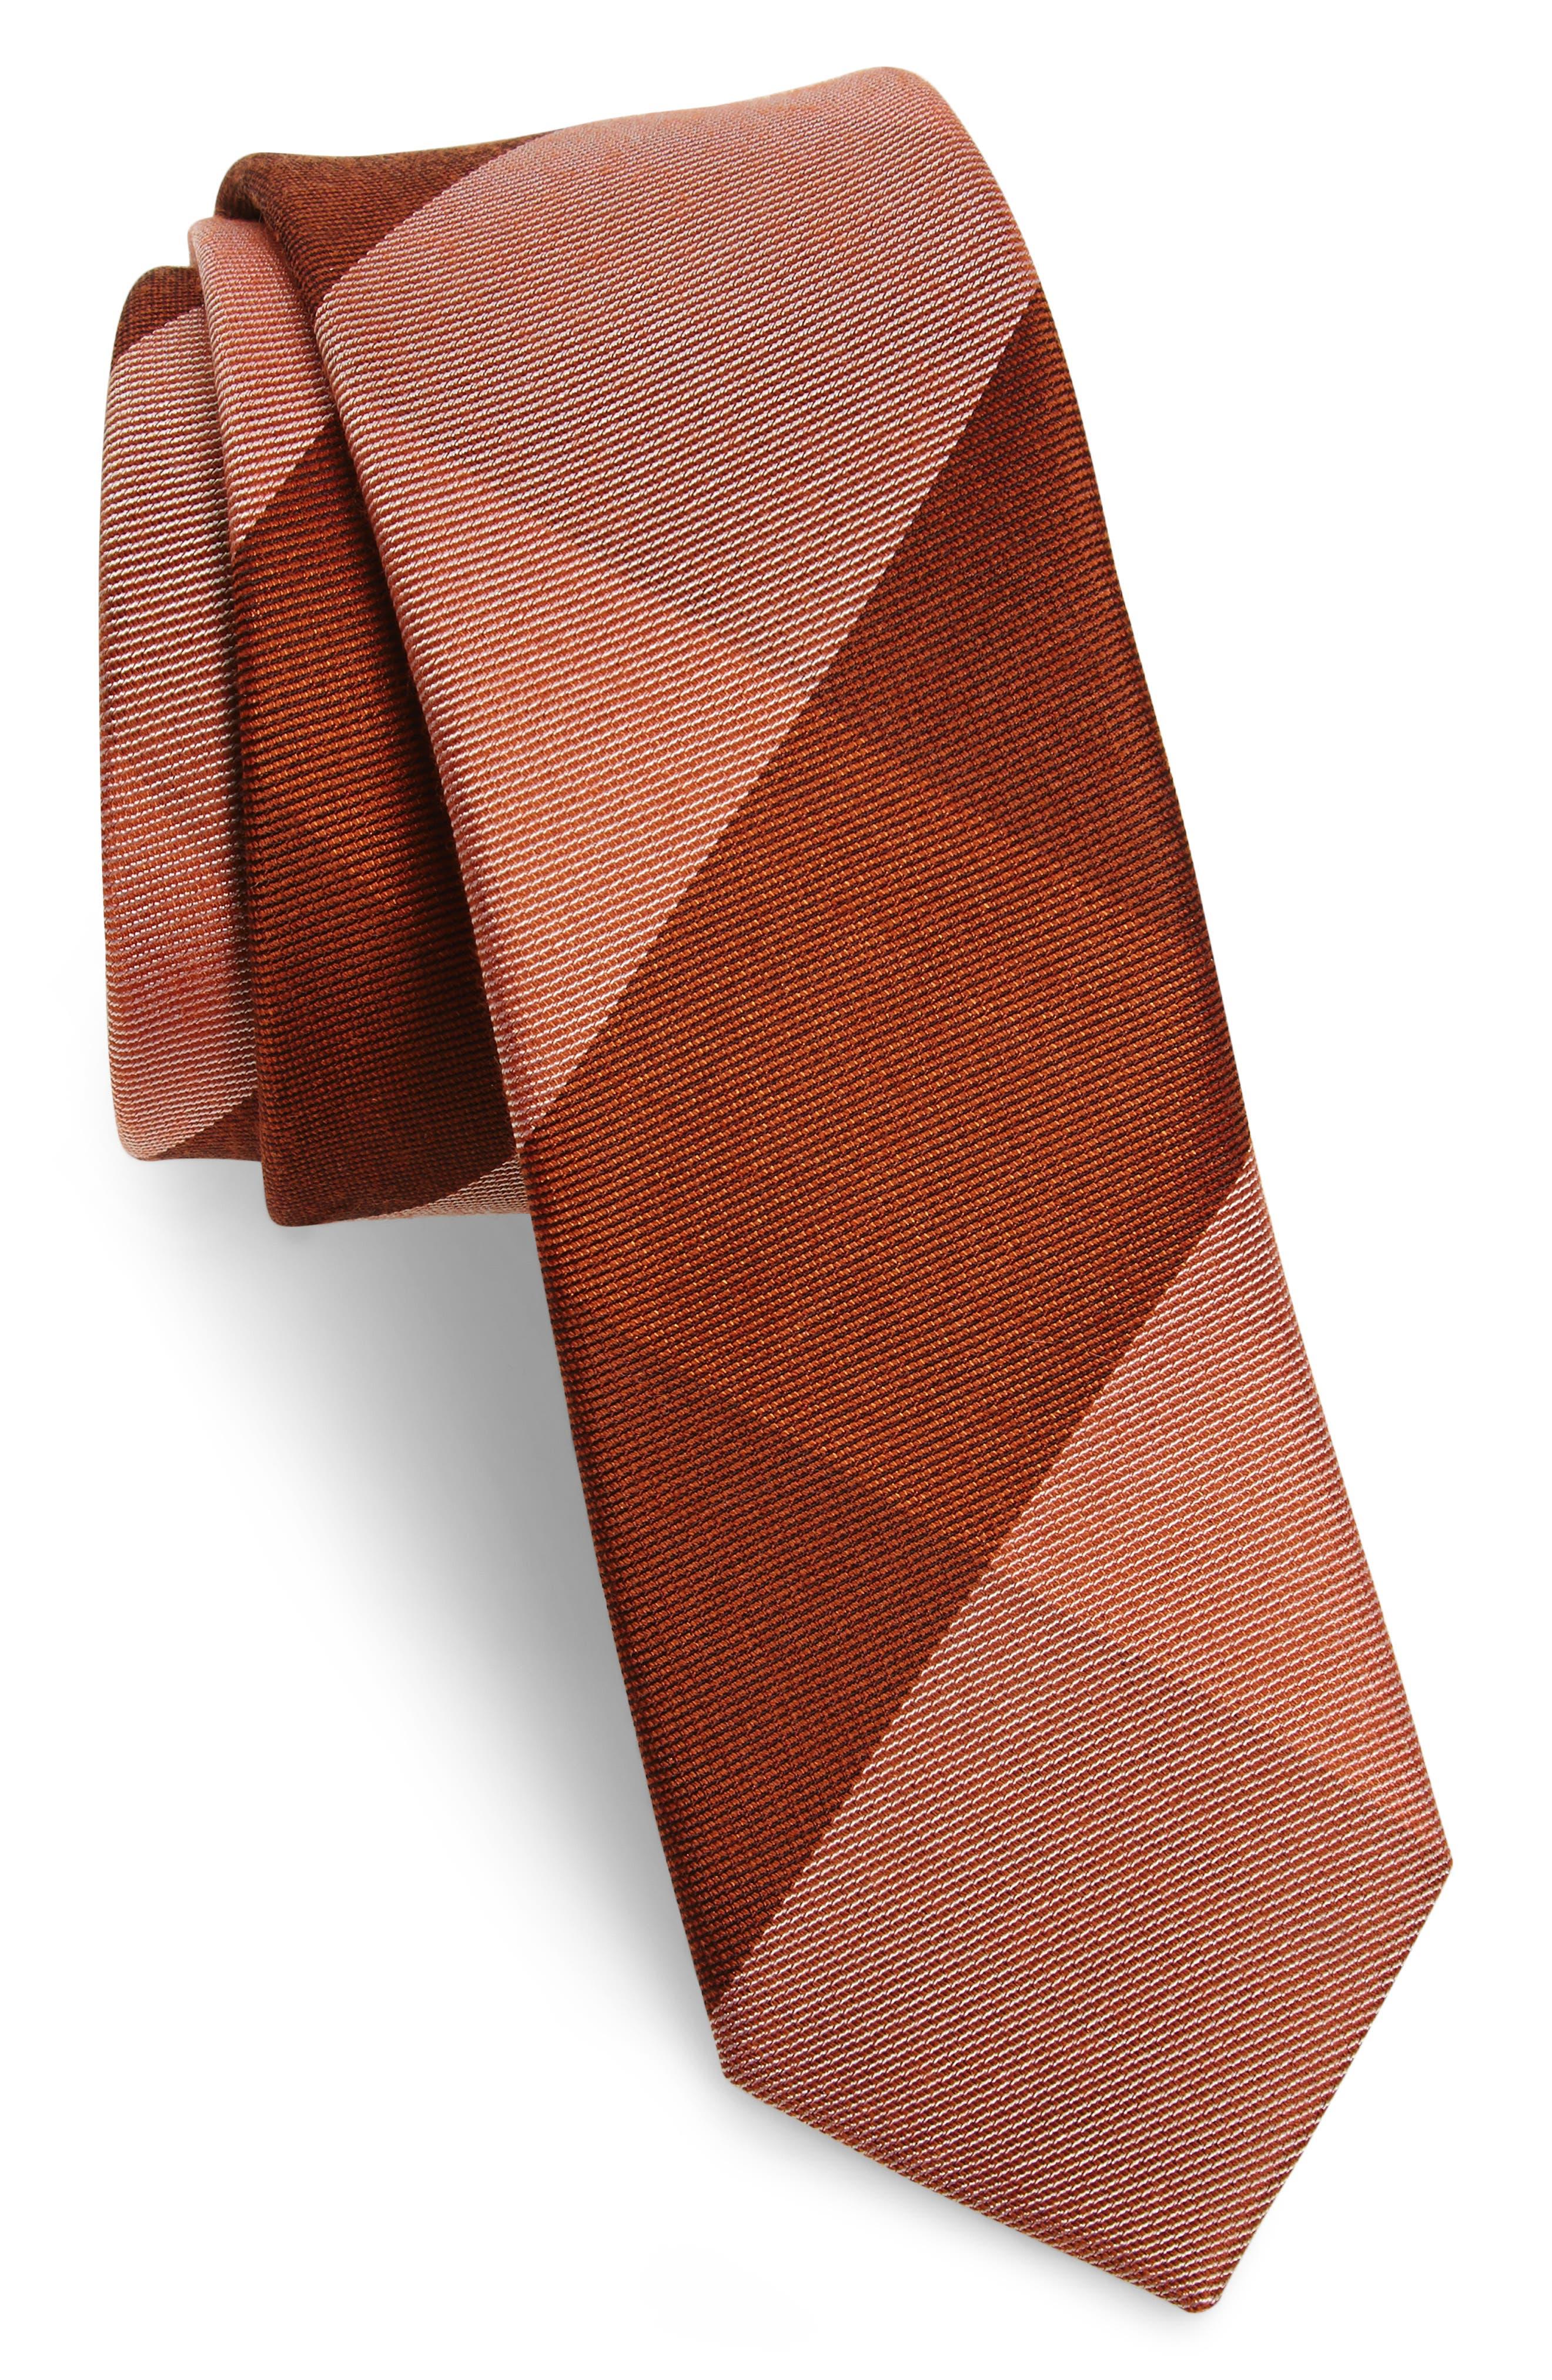 Main Image - The Tie Bar West Bison Plaid Wool & Silk Skinny Tie